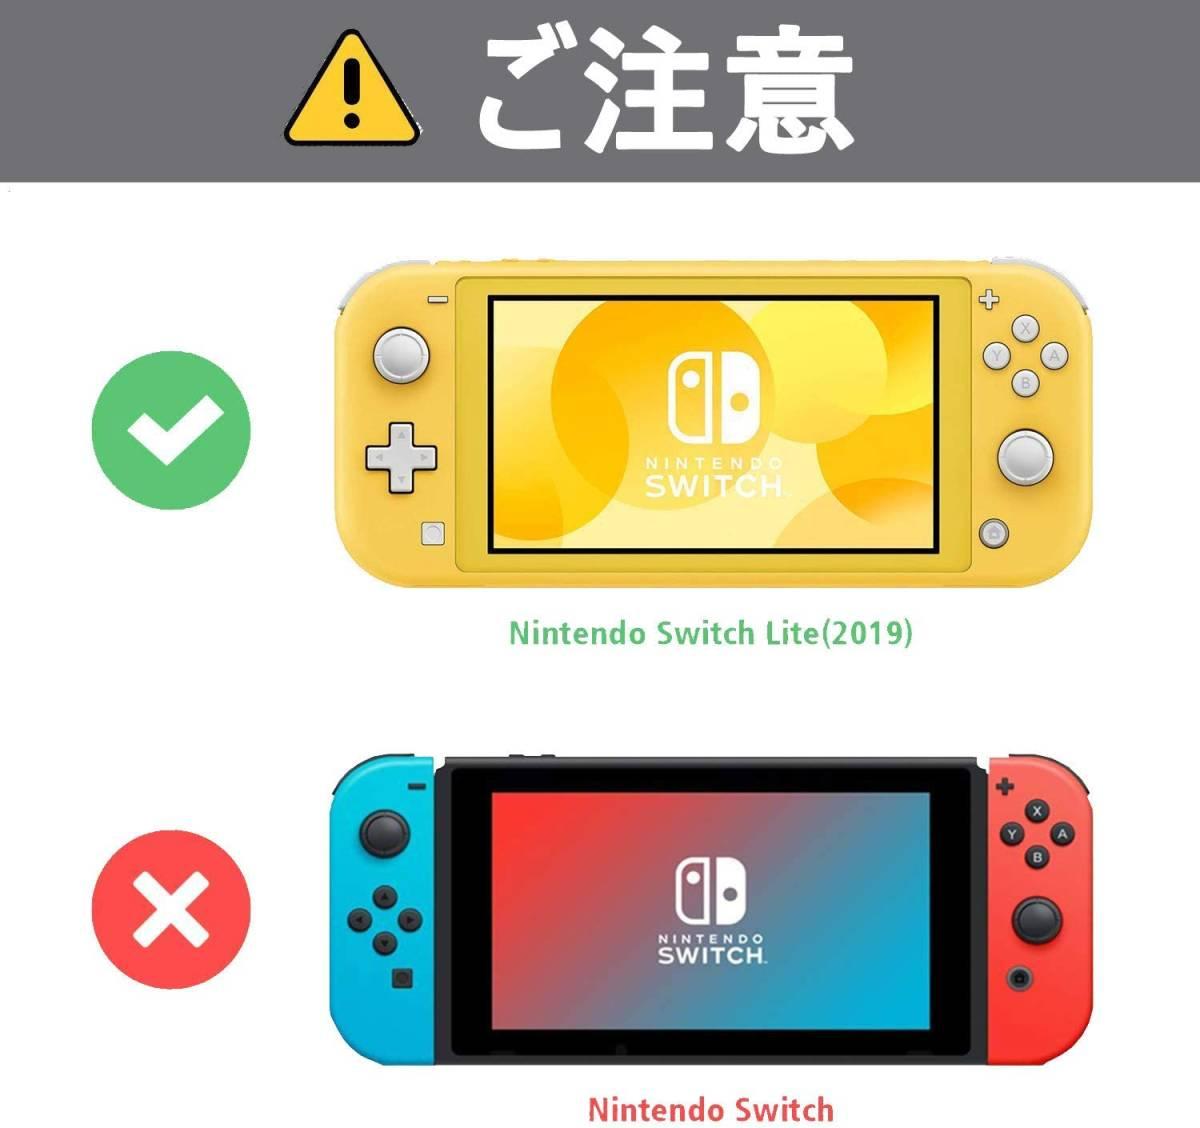 新品未使用 Nintendo Switch Lite用 ガラスフィルム 任天堂ニンテンドー スイッチ 強化ガラス 保護フィルム 硬度 9H ブルーライトカット_画像6